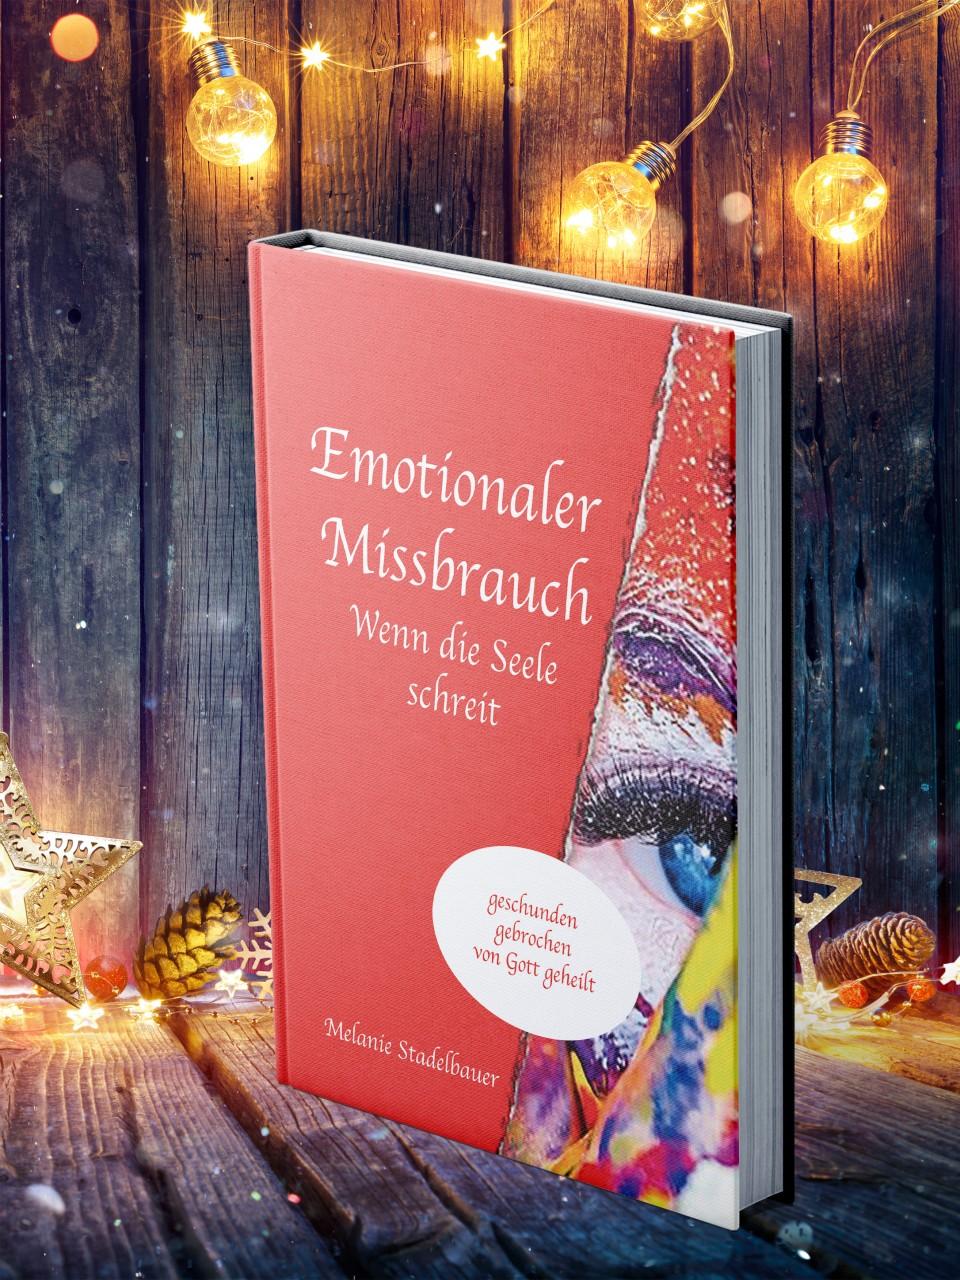 Emotionaler Missbrauch - Wenn die Seele schreit